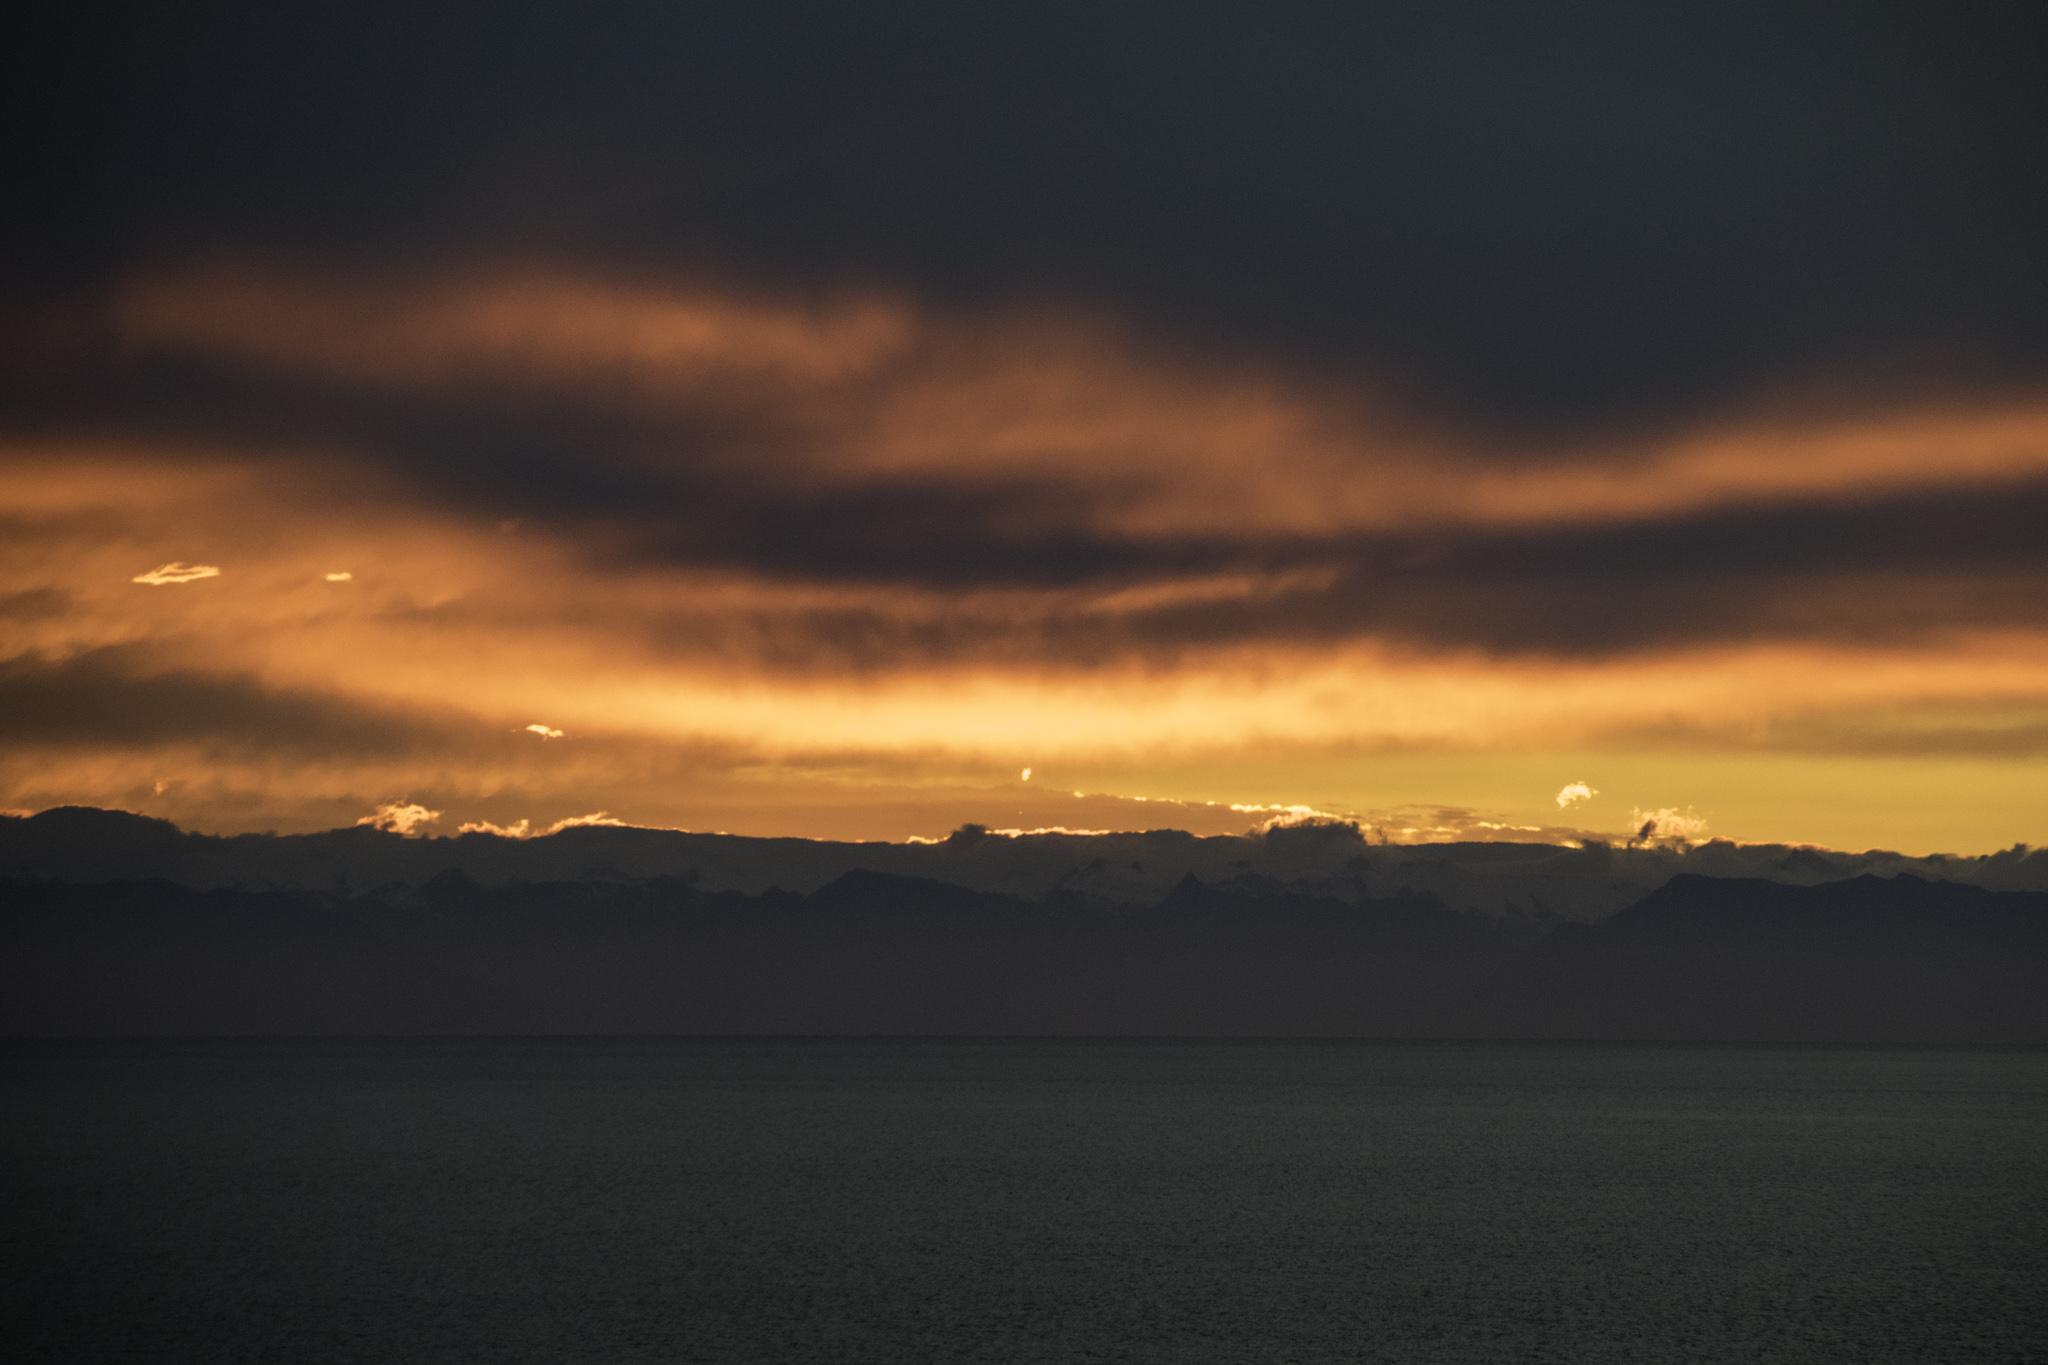 ...im Hintergrund die Andenkette auf dem Kontinent